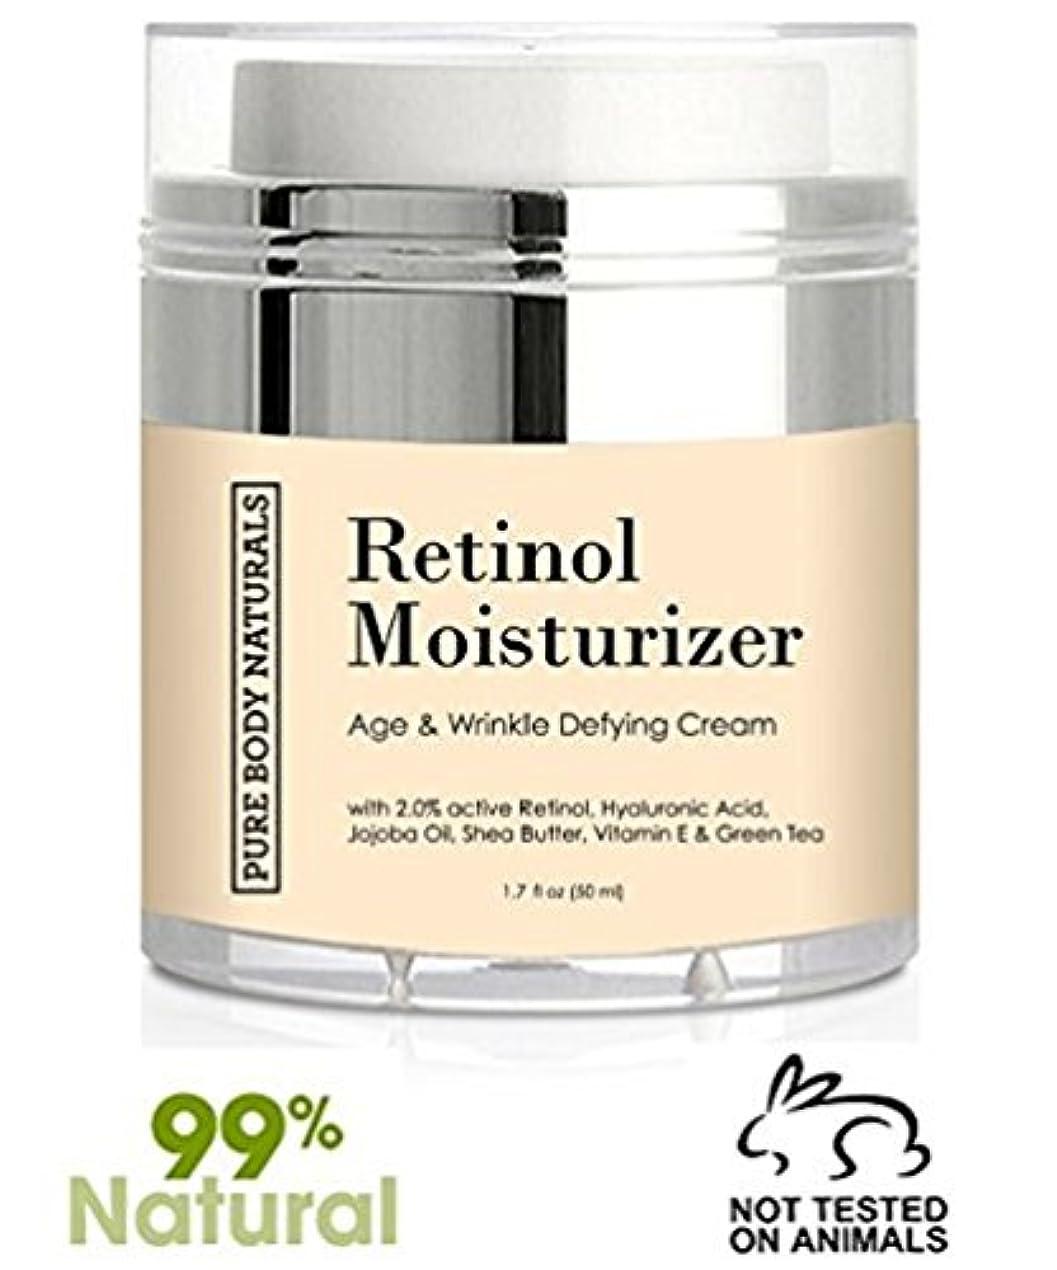 灌漑彼女のカヌー2.5%レチノール、ヒアルロン酸、ホホバオイル、シアバター、緑茶との顔のためのレチノールクリームモイスチャライザー。最高の夜と昼の保湿クリーム1.7 FL 。オンス Retinol Cream Moisturizer for Face with 2.5% retinol, hyaluronic acid, jojoba oil, shea butter and green tea. Best night and day moisturizing cream 1.7 fl. oz.